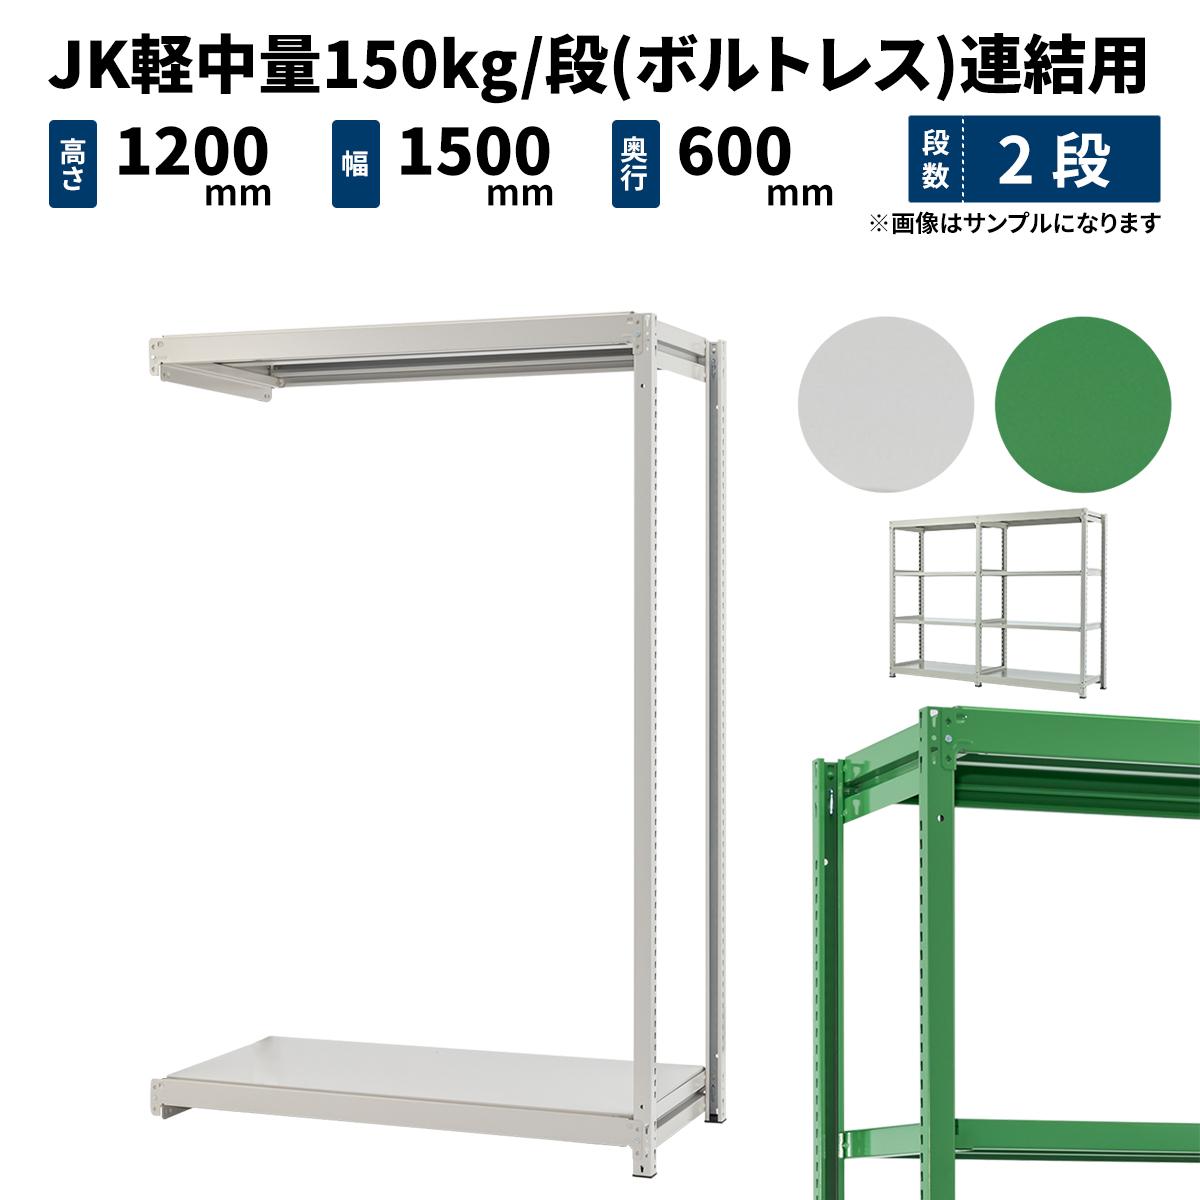 スチールラック 業務用 JK軽中量150kg/段(ボルトレス) 連結形式 高さ1200×幅1500×奥行600mm 2段 ホワイトグレー/グリーン (27kg) JK150_R-121506-2